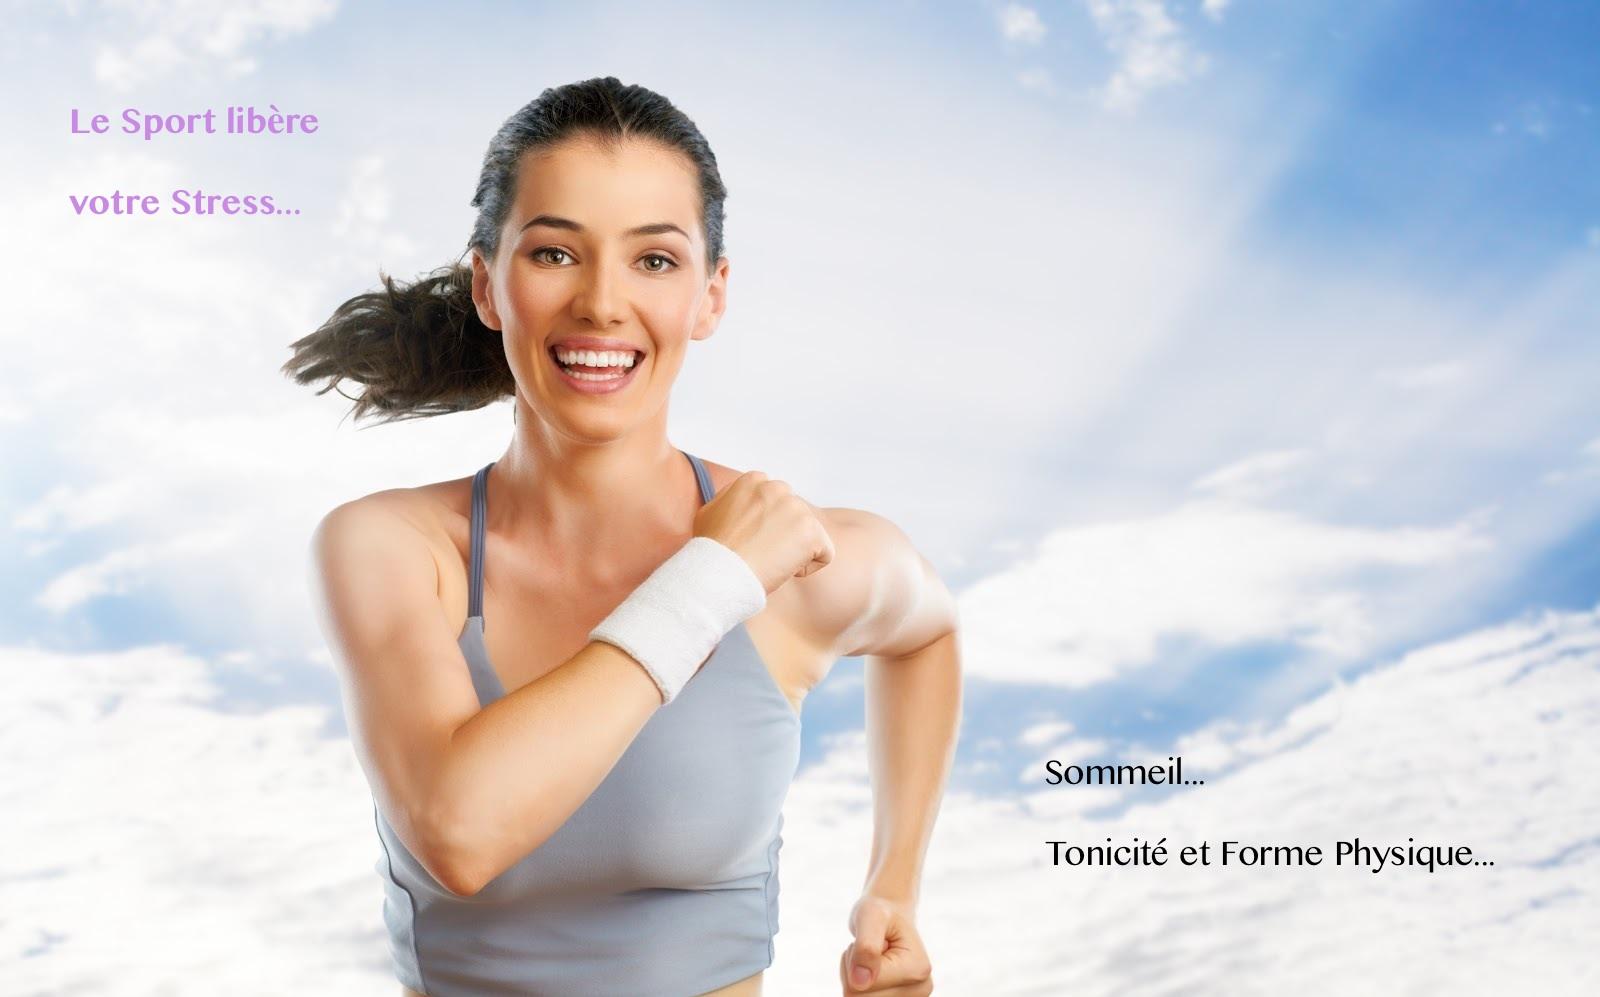 Les bienfaits du sport et du CrossFit®*